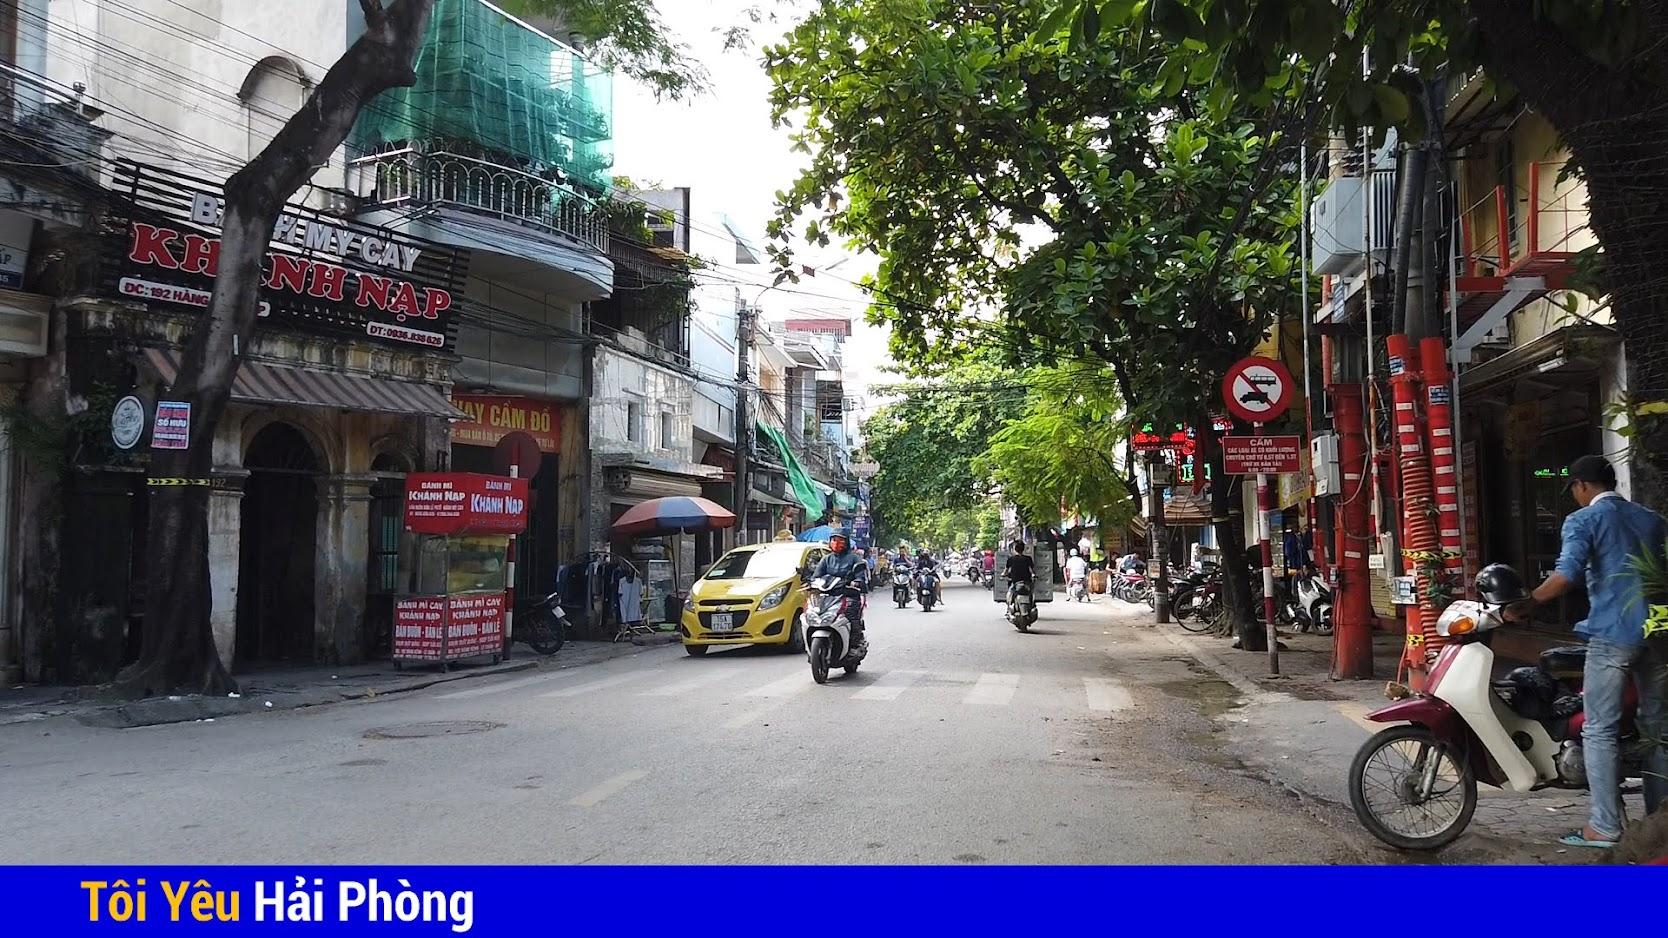 Bánh mỳ cáy Khánh Nạp nổi tiếng đường Hàng Kênh ở Hải Phòng 2